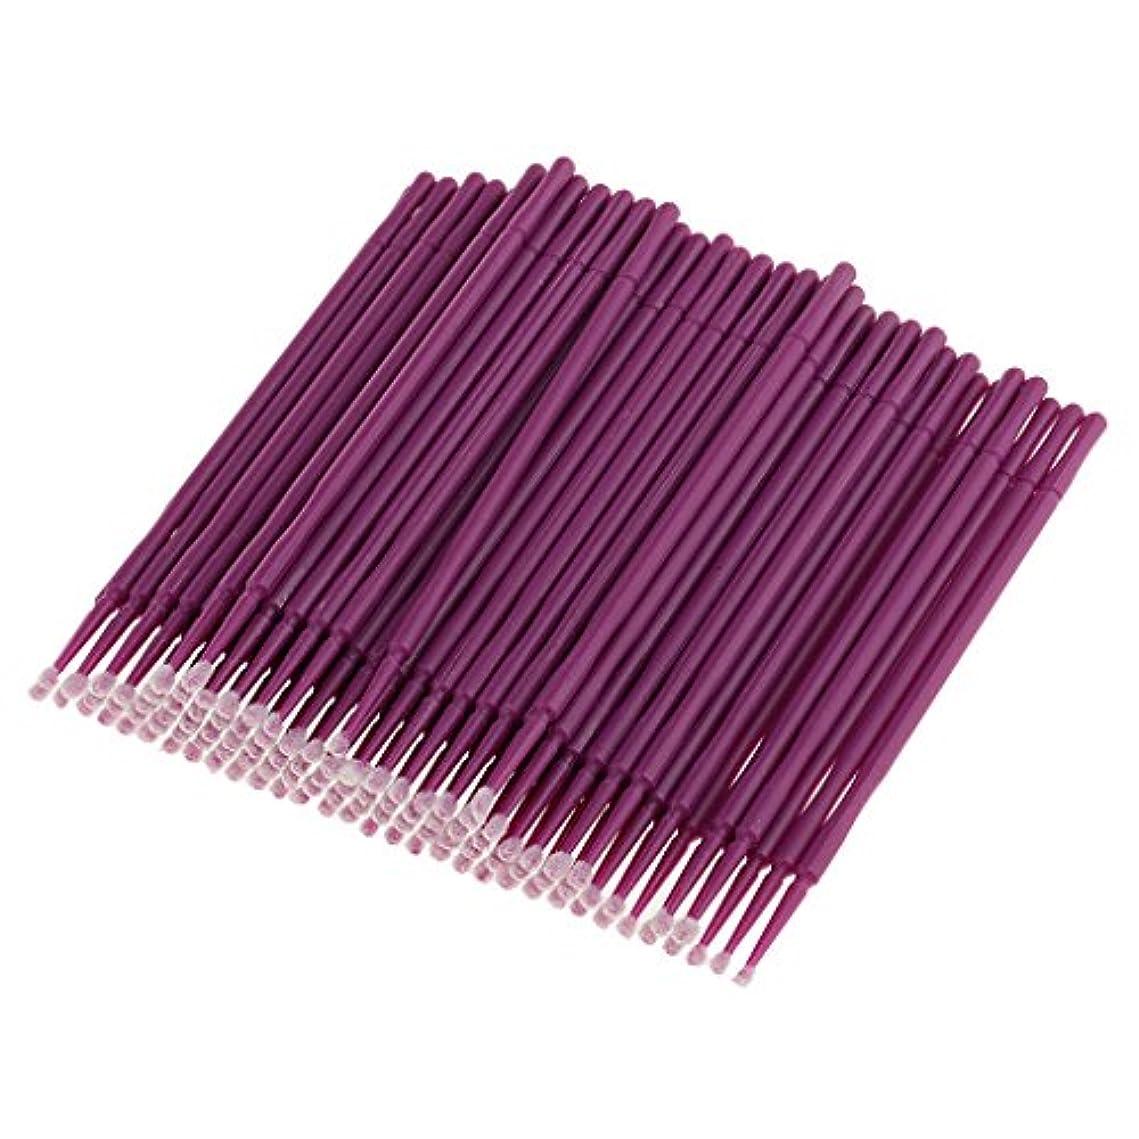 前再び釈義Homyl 約100本 マイクロブラシ まつげエステ 使い捨て 衛生 マスカラ ミニヒントタイプ 美容用具 家庭/サロン アプリケーター パープル